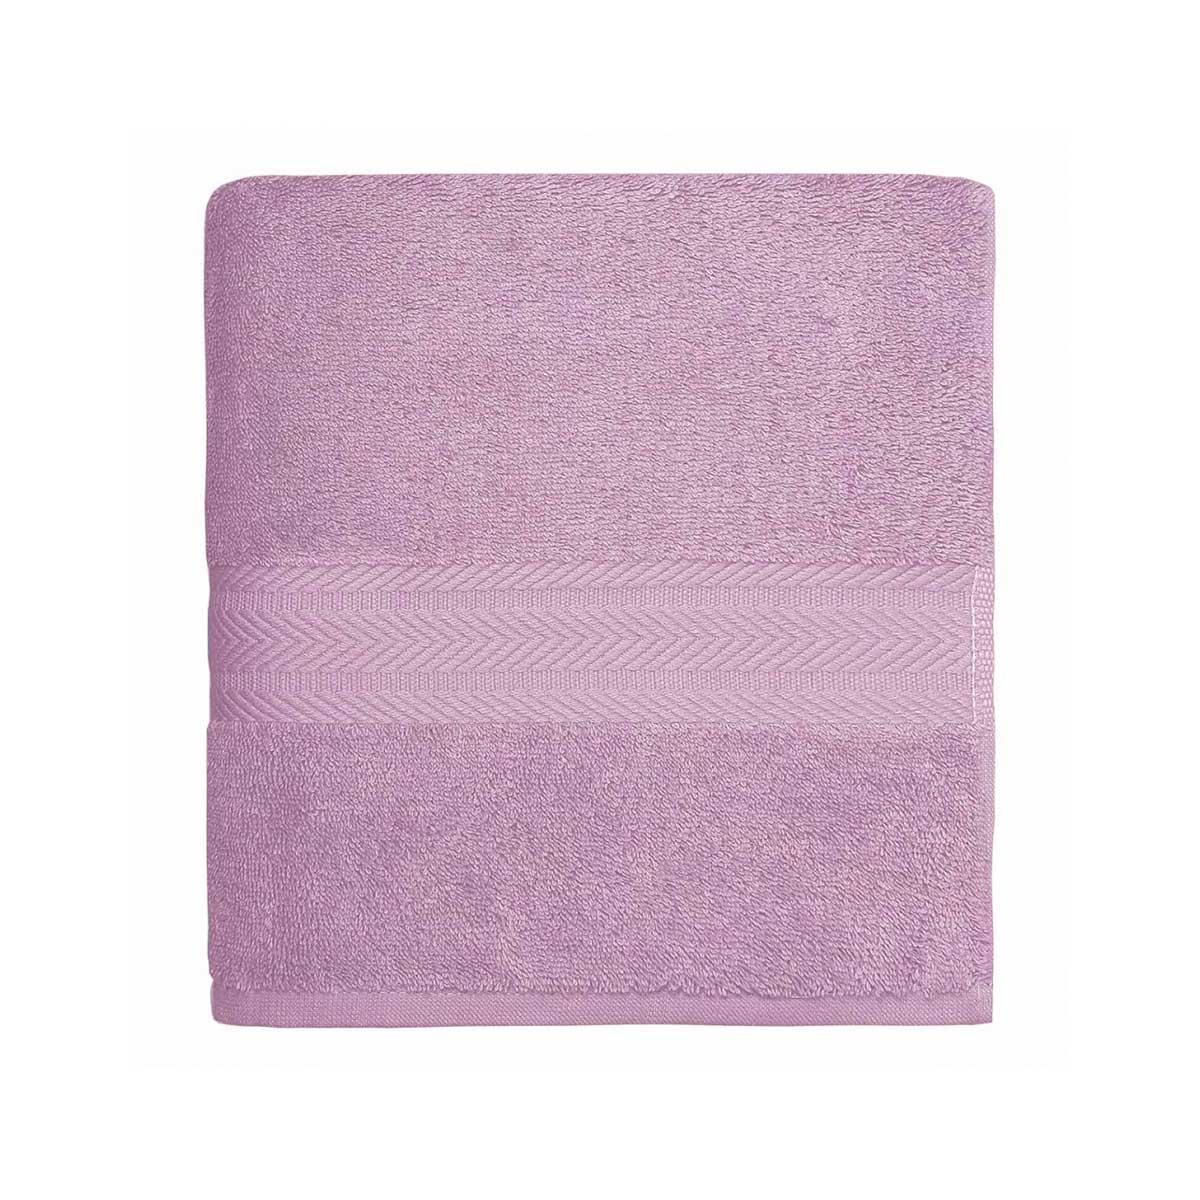 Serviette de toilette en coton 550gr/m² parme - Parme - 50 x 100 cm